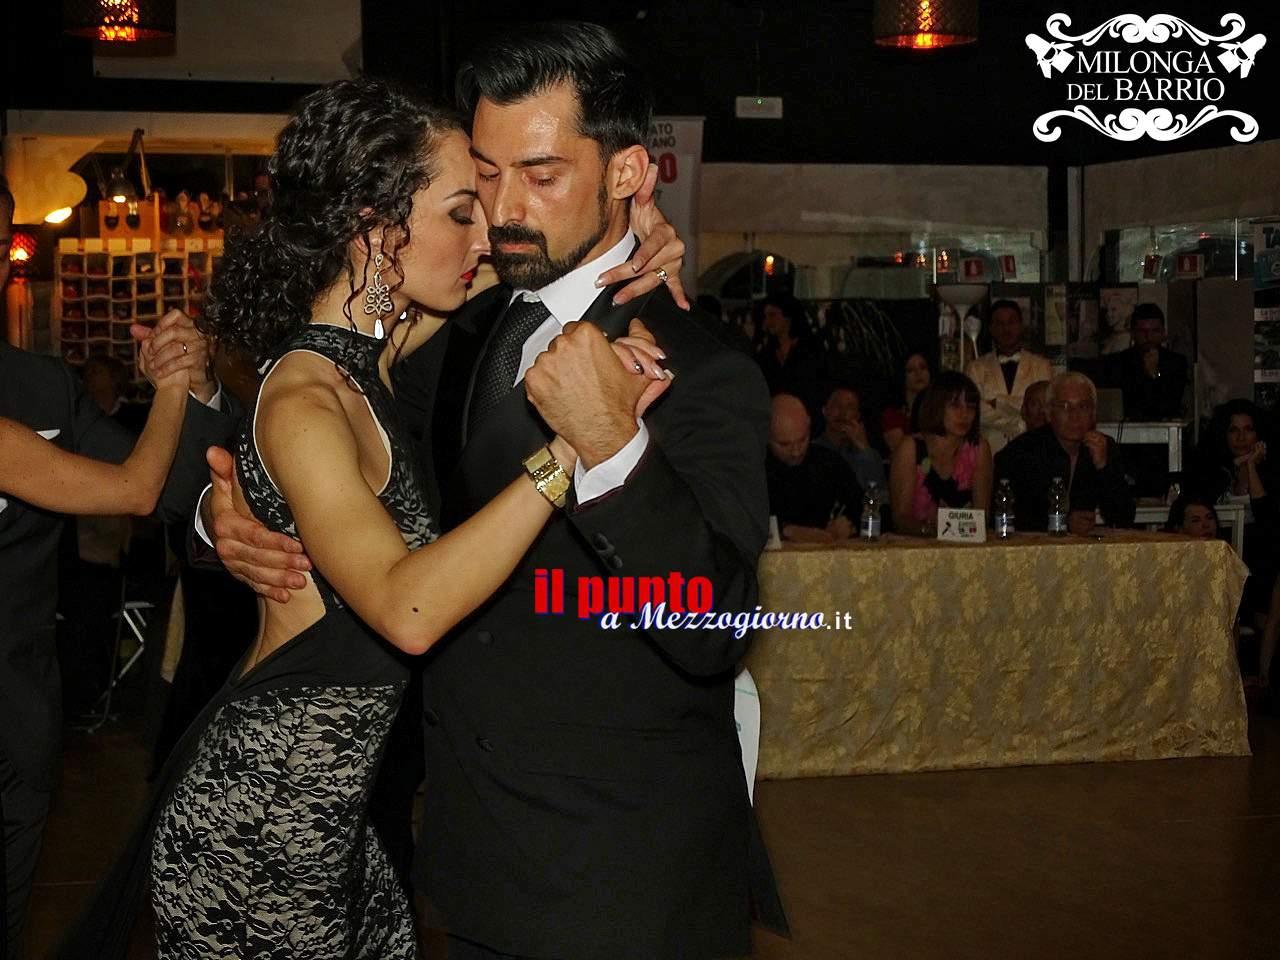 Claudia Del Greco e Andrea Angione di Cassino vincono il campionato metropolitano di Tango argentino